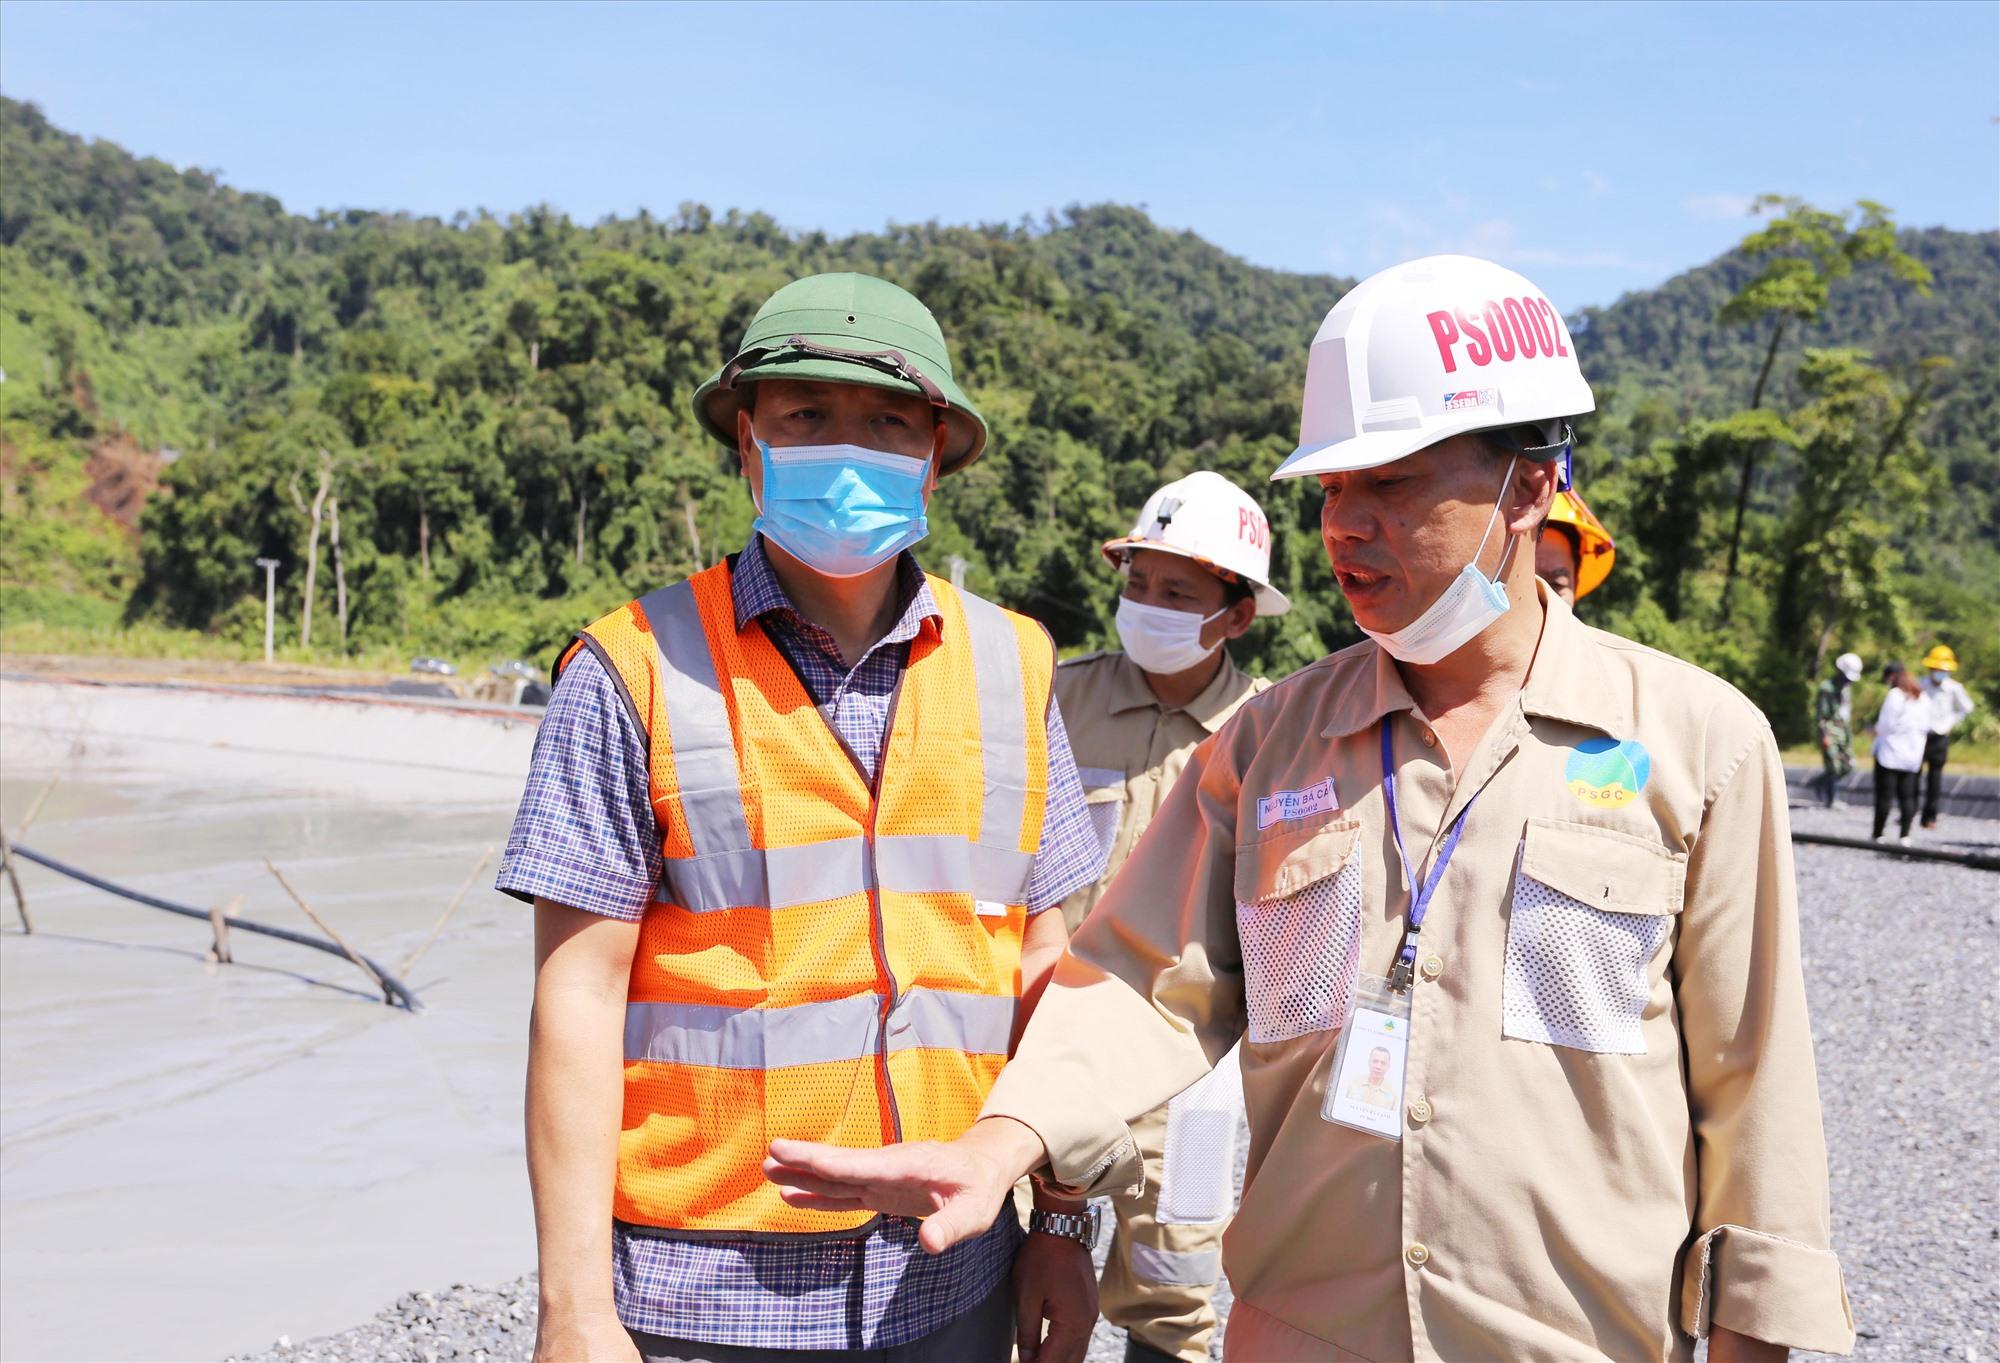 Đoàn công tác của UBND tỉnh kiểm tra thực tế tại hồ chứa quặng thải khu vực nhà máy vàng Phước Sơn.